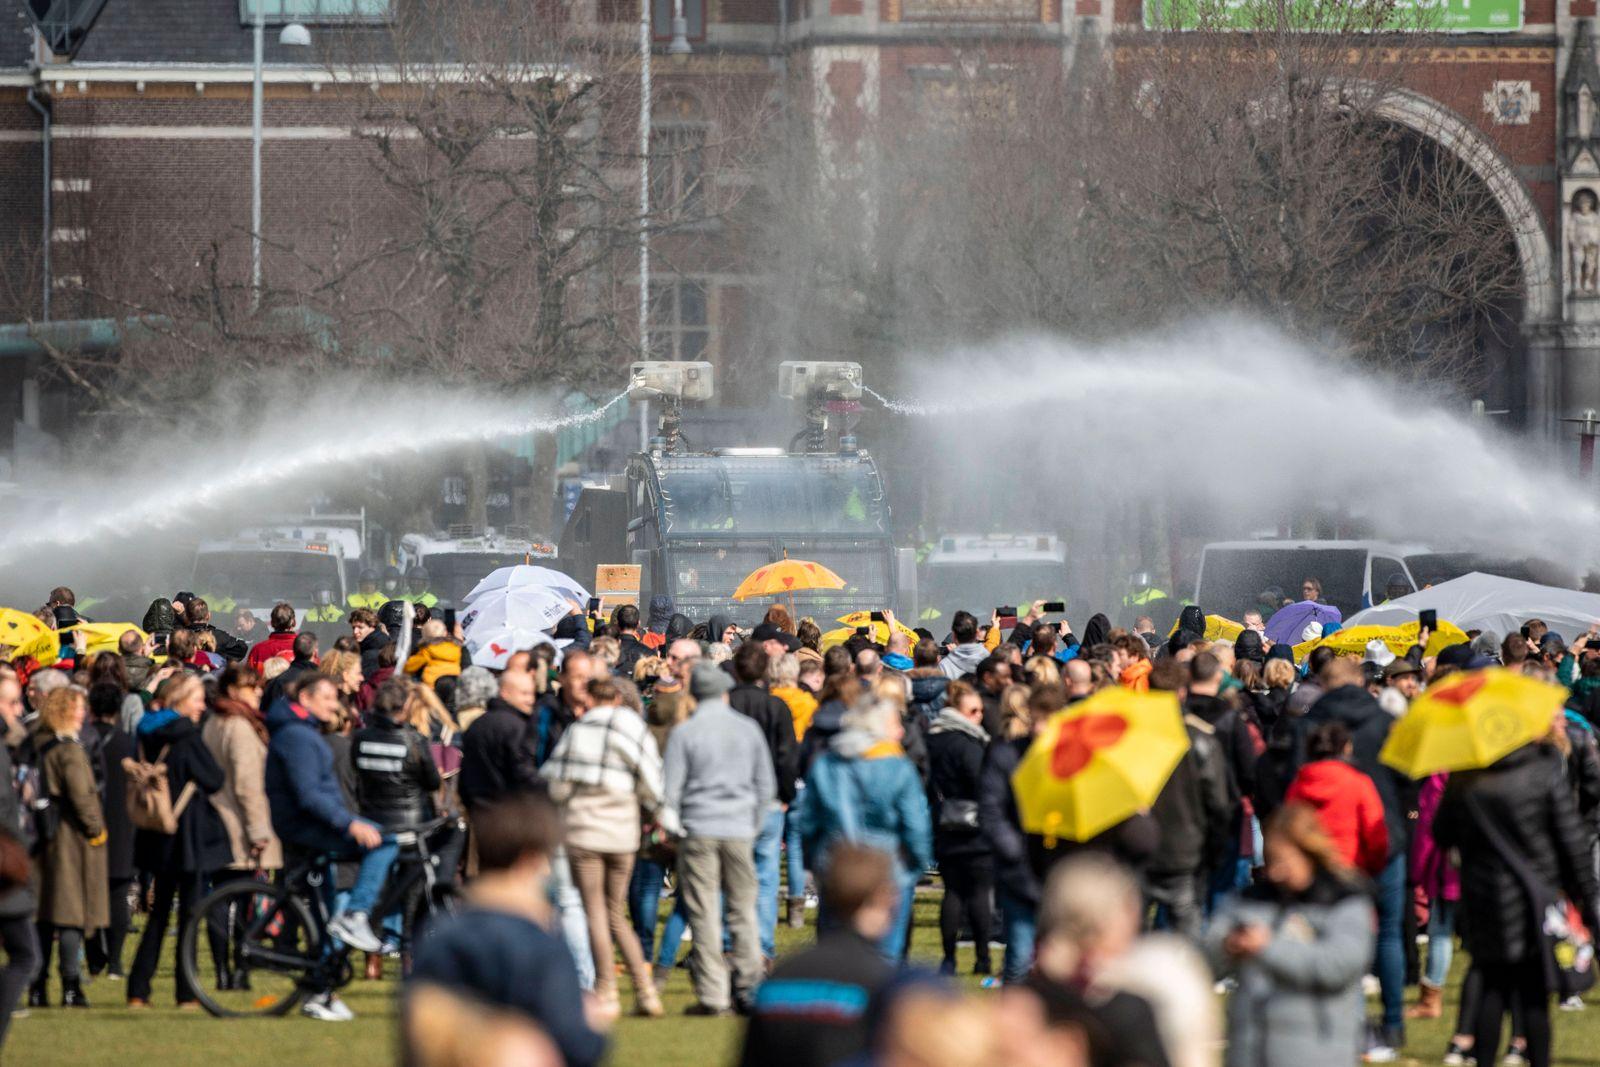 20.03.2021 , Amsterdam ( Niederlande ) , Demonstration gegen die Coronaregeln der niederländischen Regierung auf dem Mus